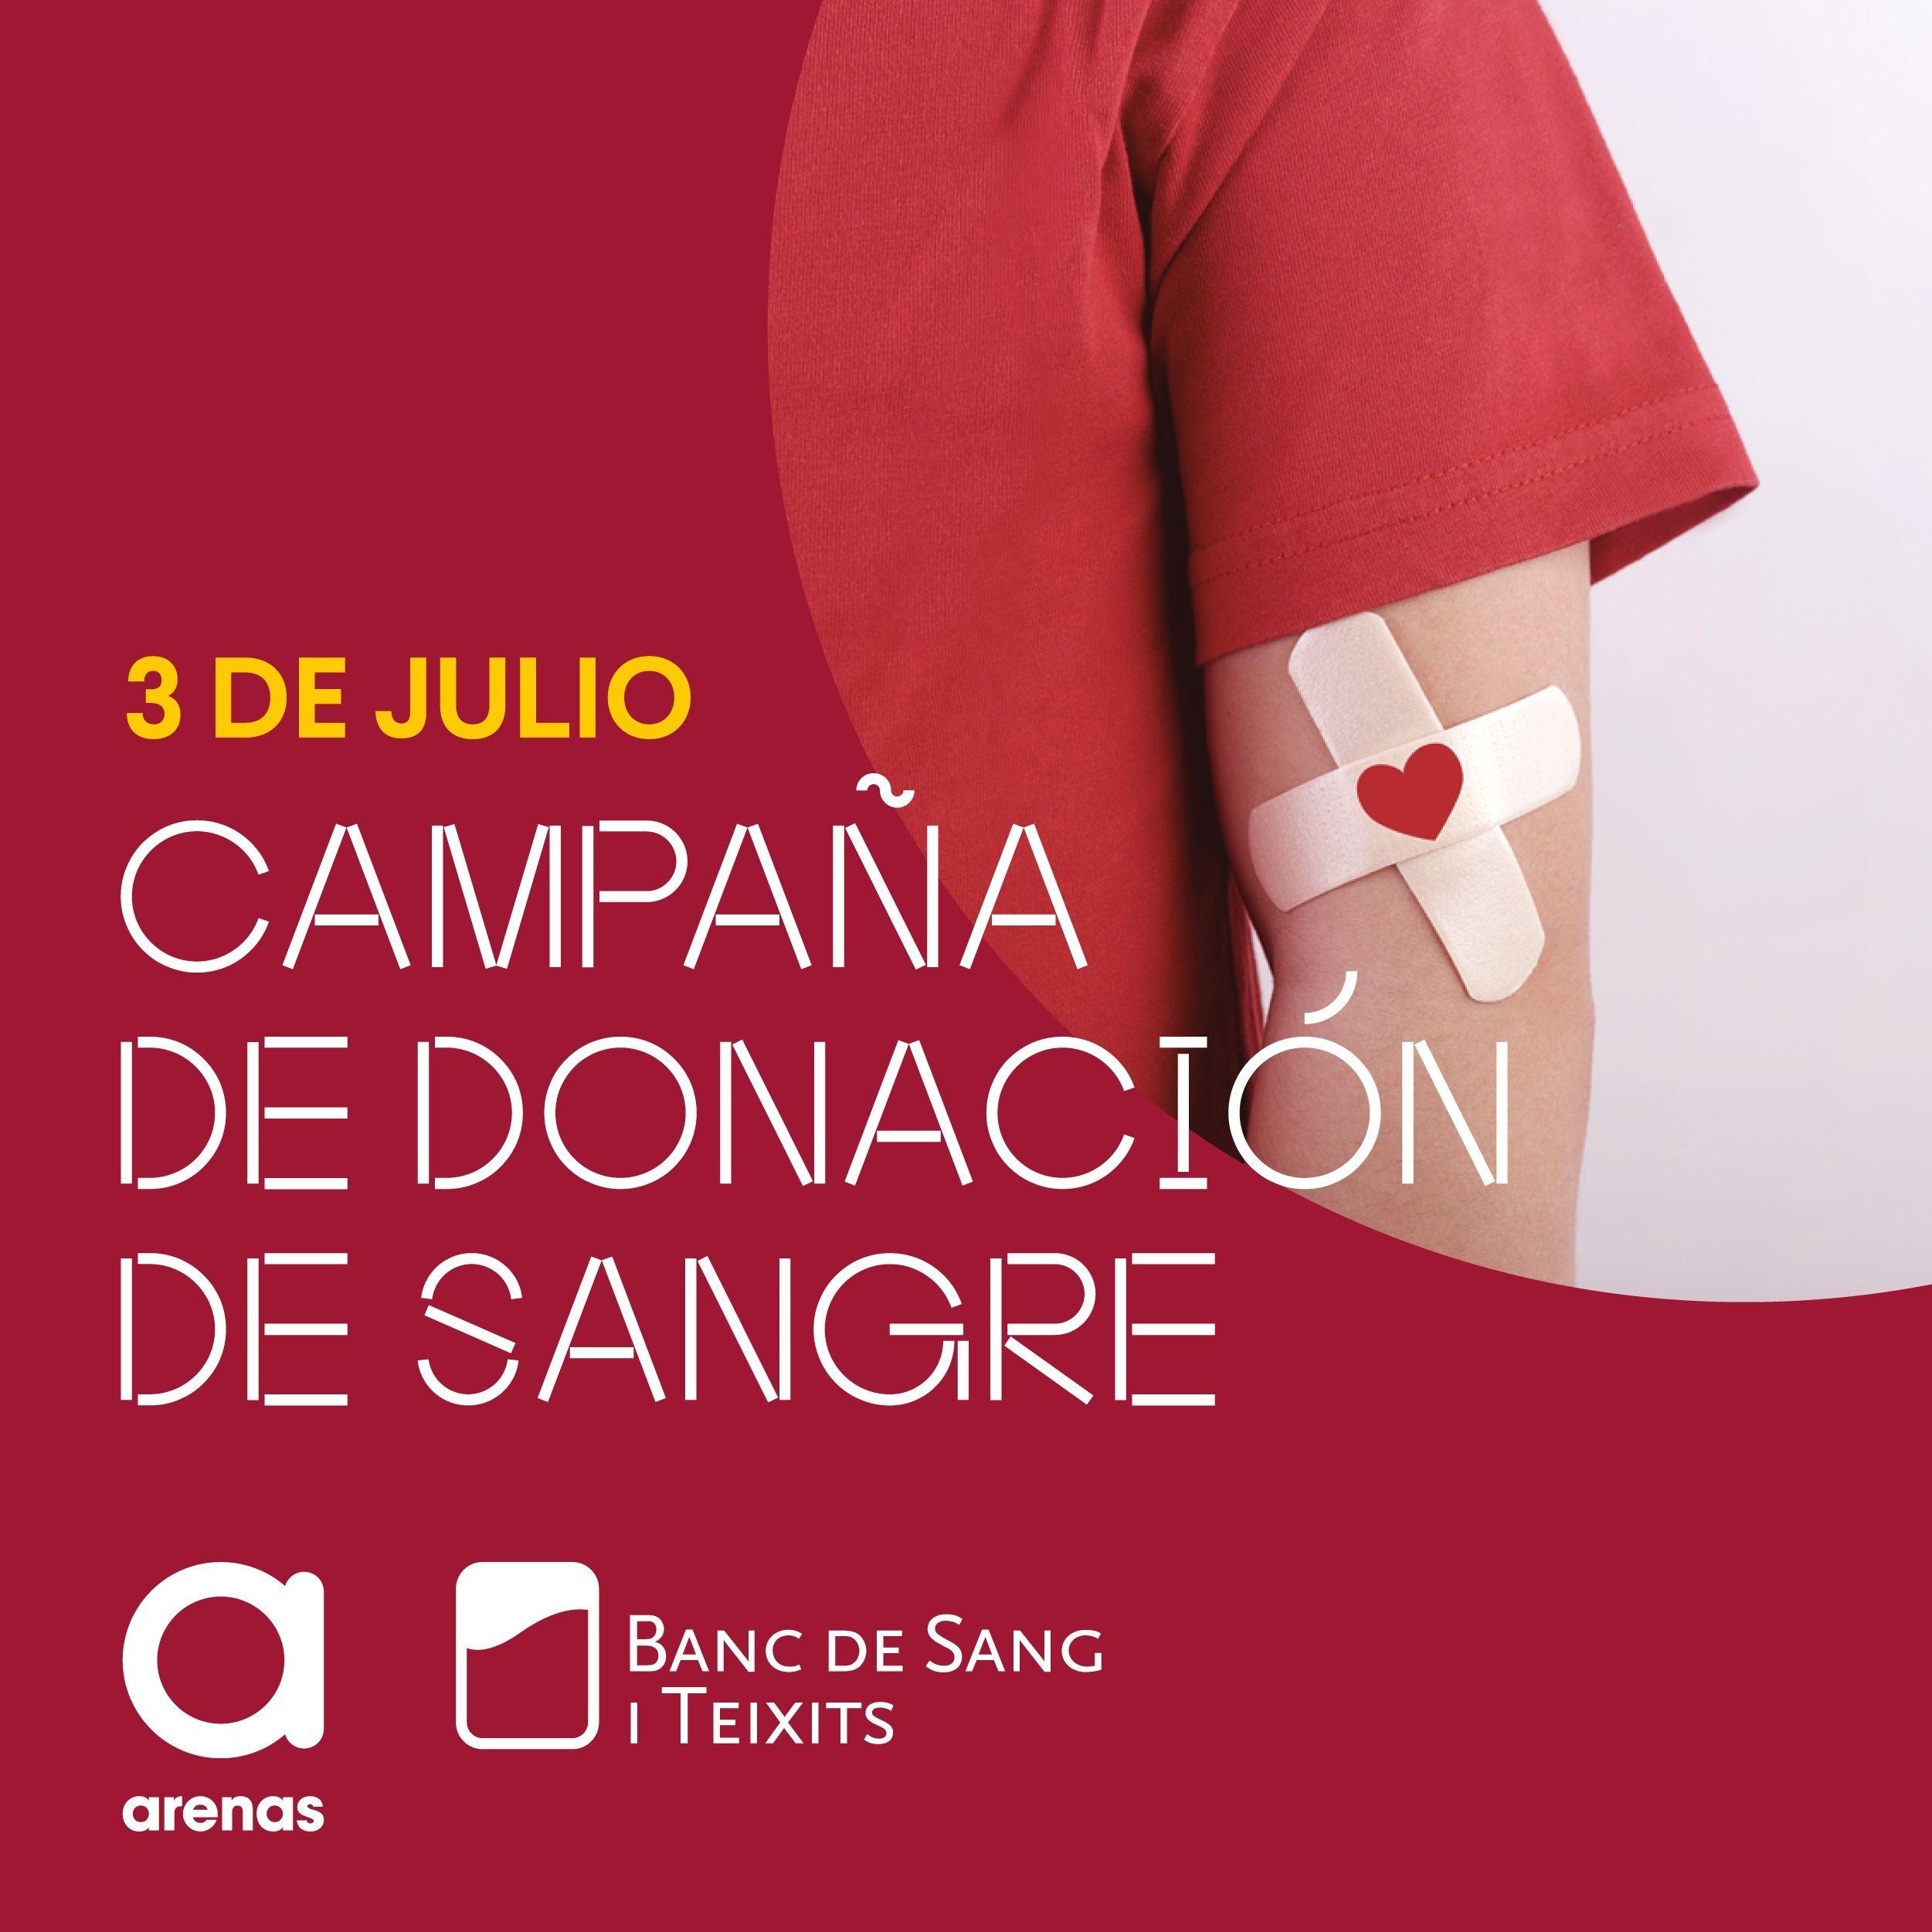 Arenas de Barcelona llevará a cabo una campaña de donación de sangre en colaboración con el Banc de Teixits,